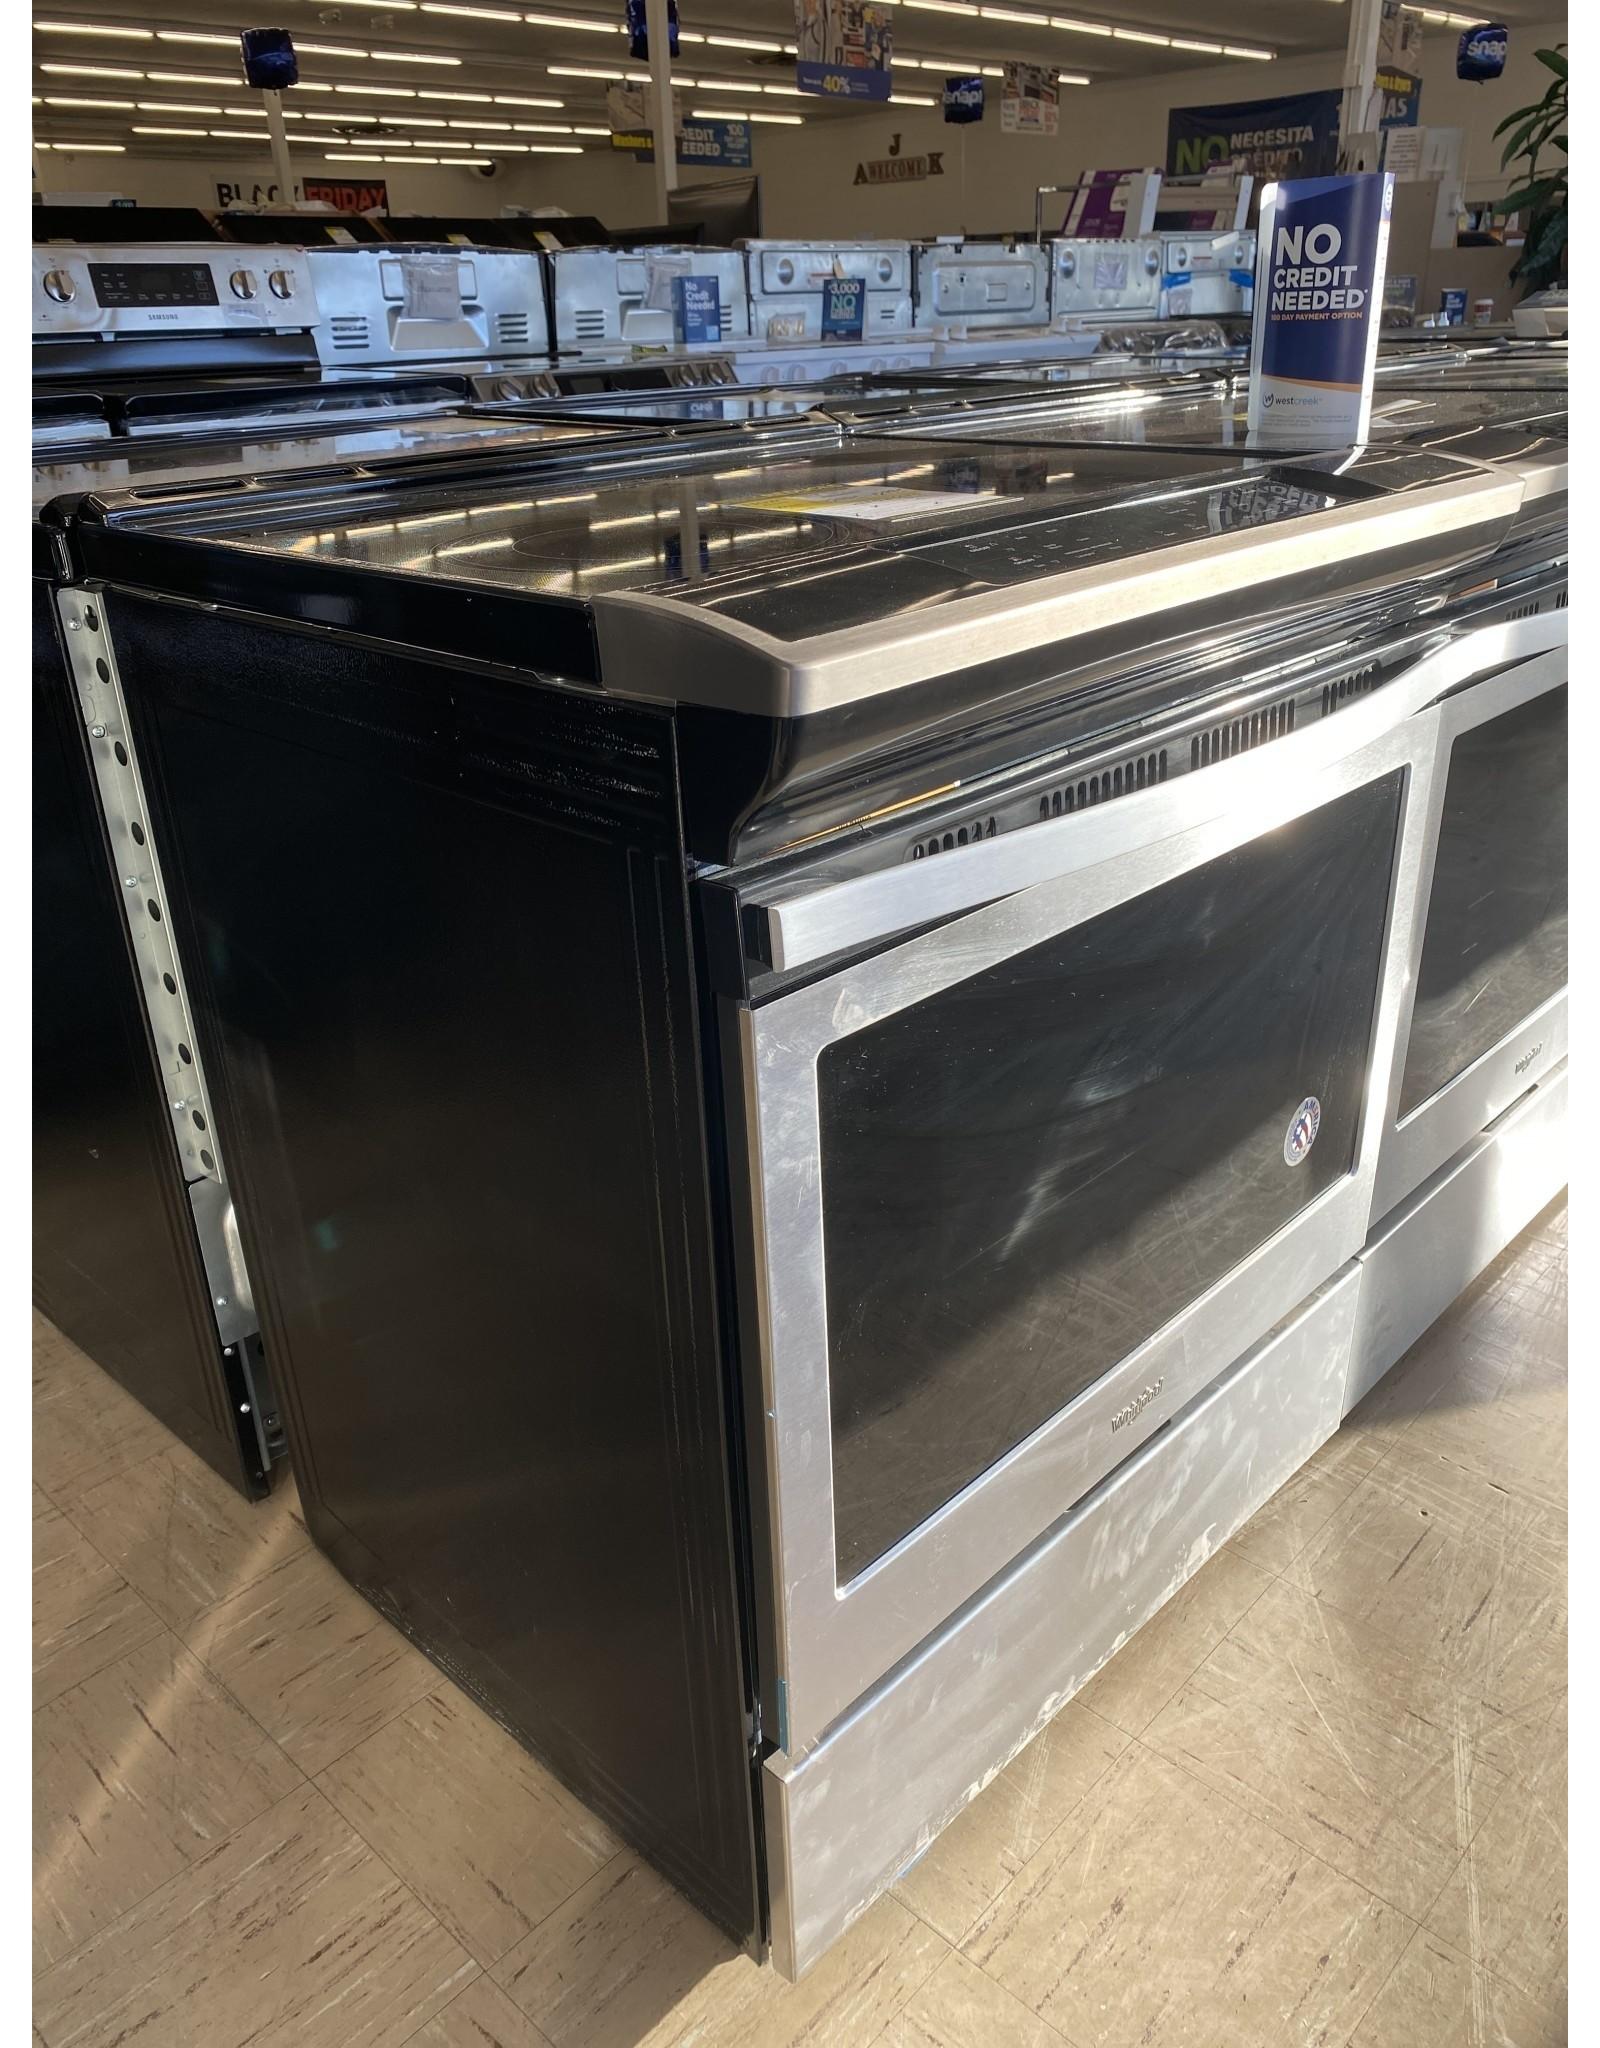 WEE510S0FS WHR Slide-in, Range/Cooker - FRONT CONTROL, 4.8 CU FT, CERAN, PYRO SE